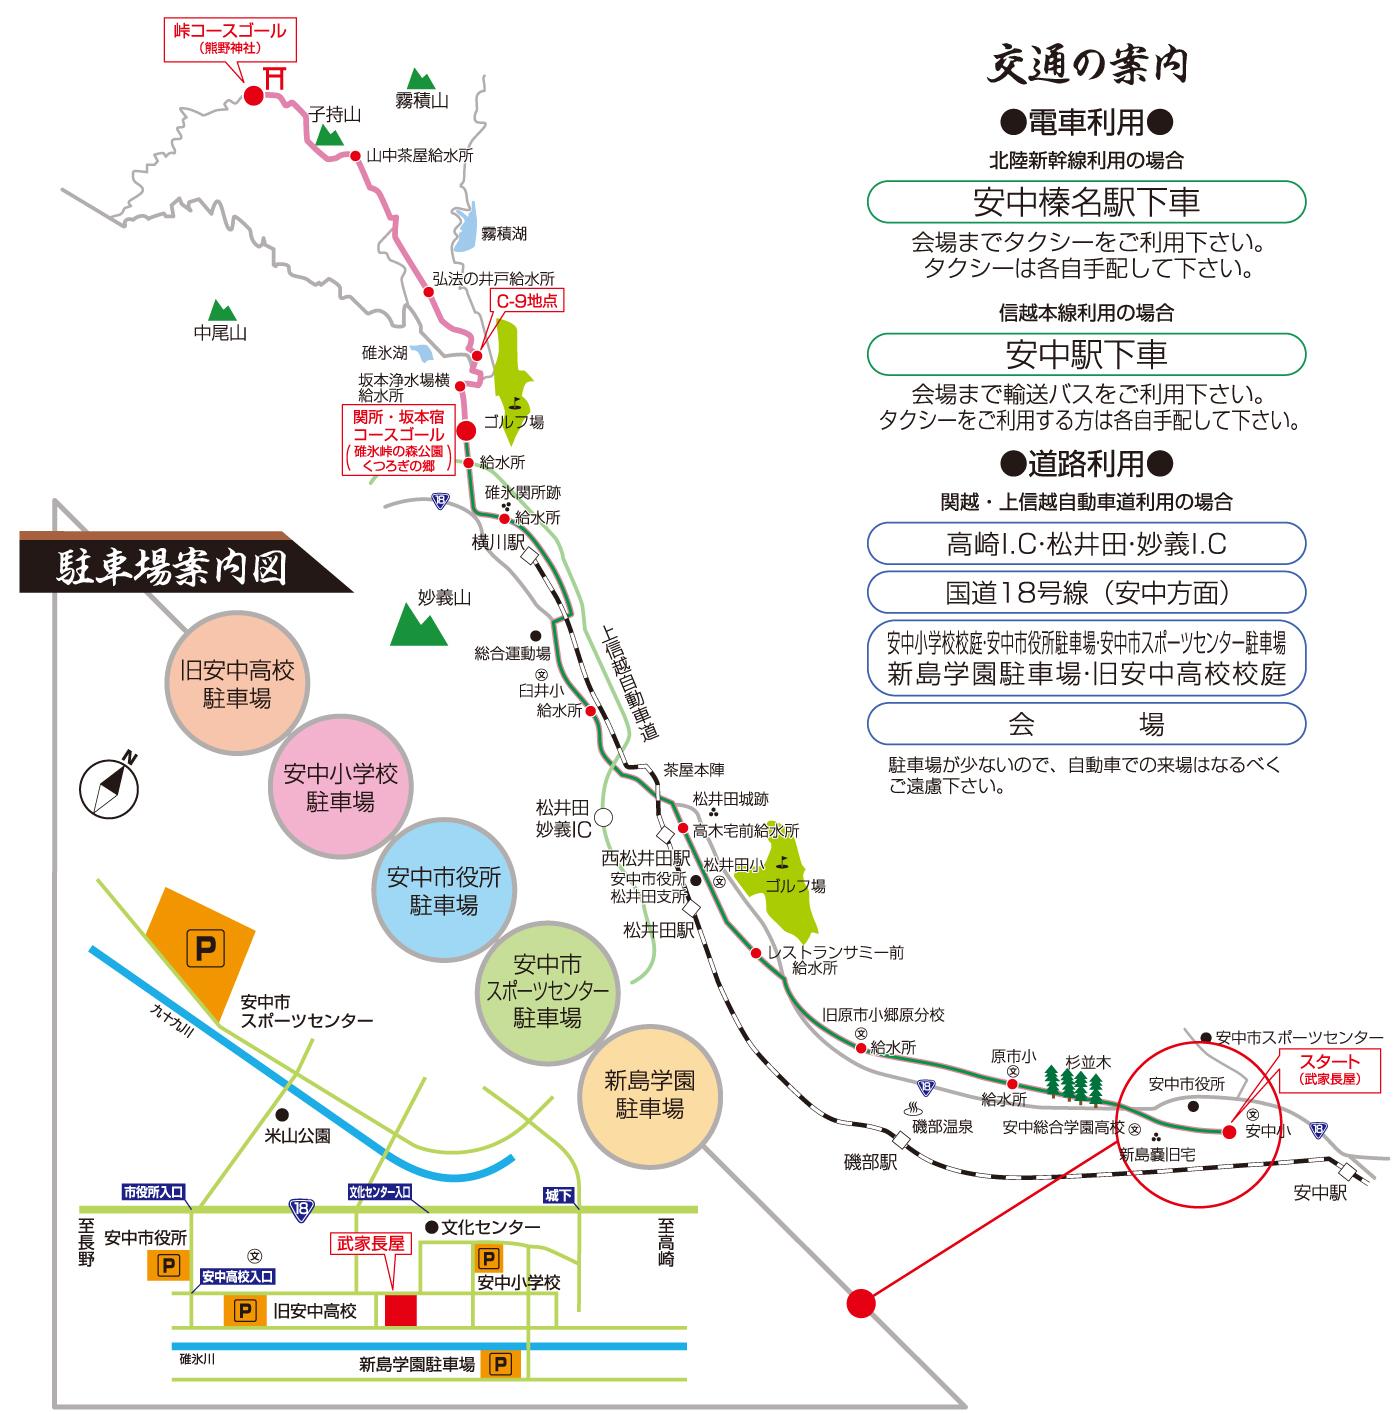 コース&アクセスマップ・交通のご案内・駐車場案内図